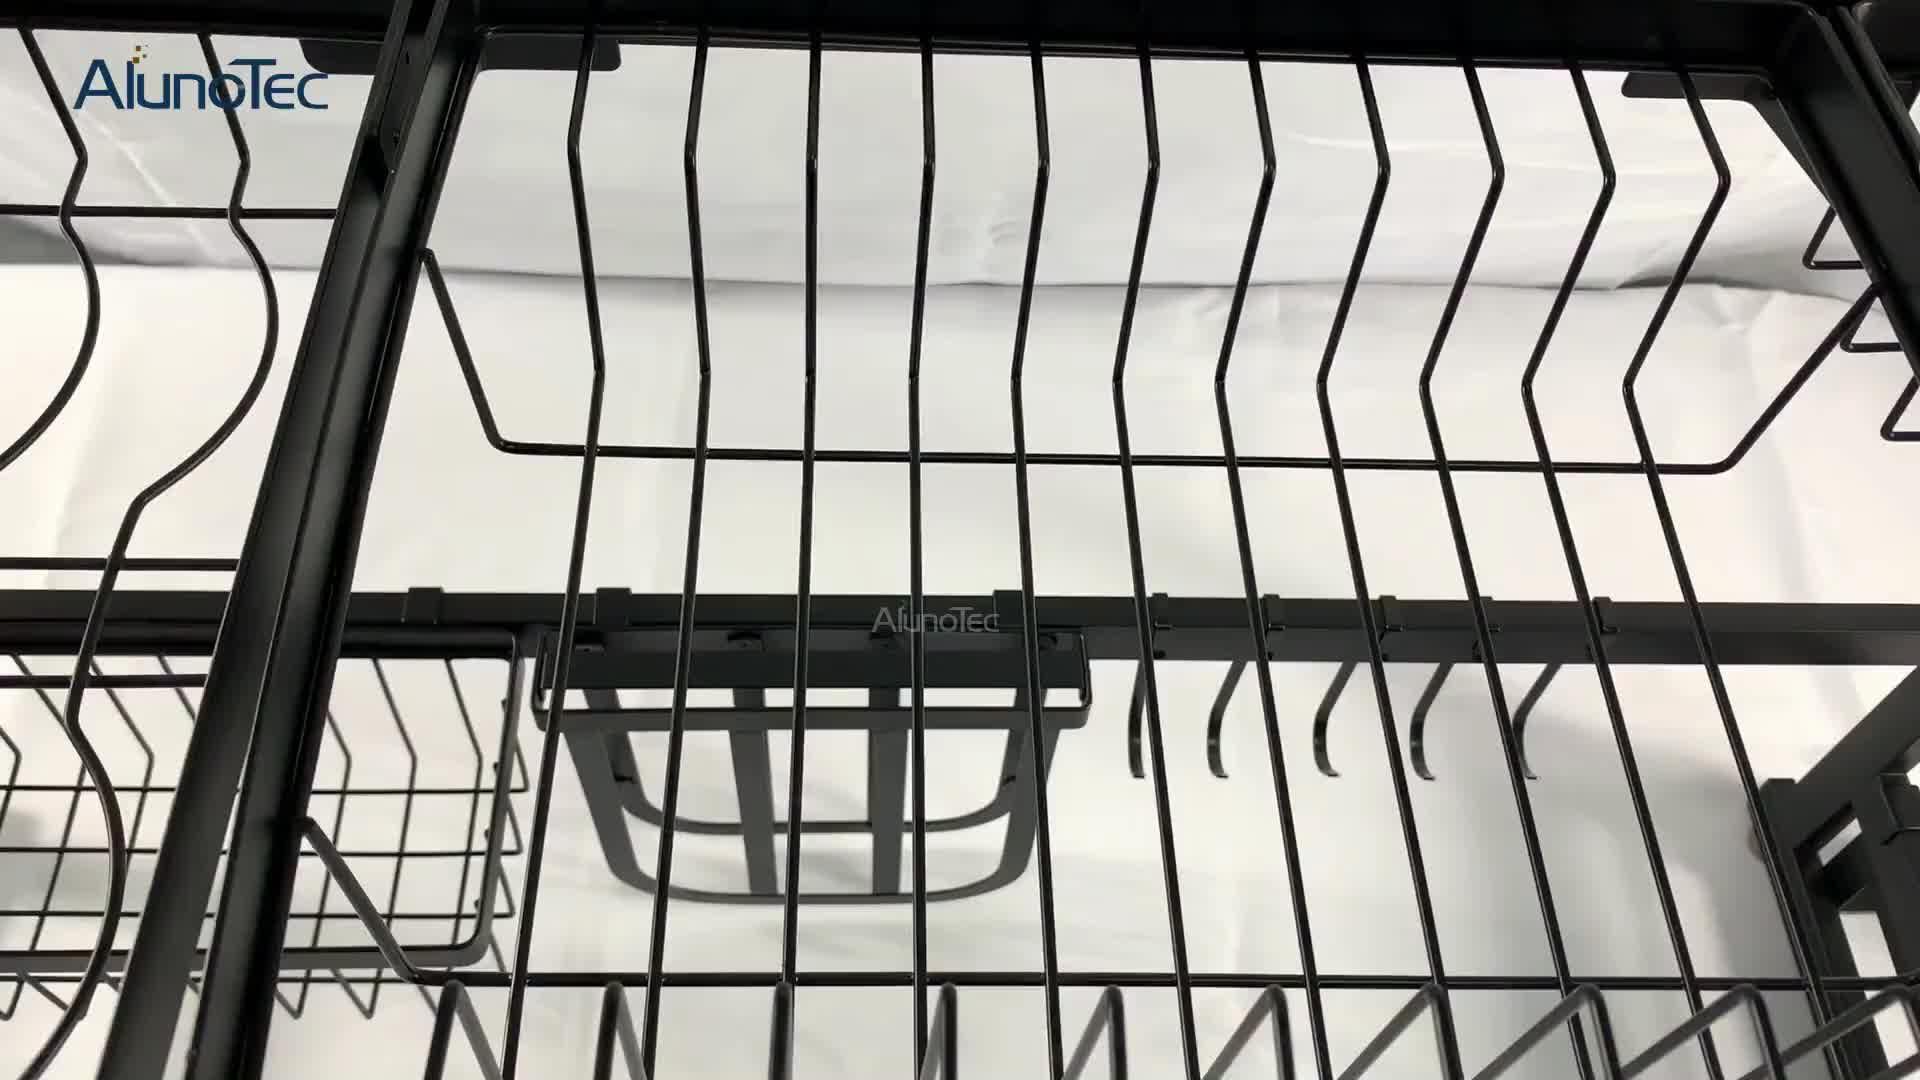 2-Tier 85cm Modern Black Design Stainless Steel Kitchen Storage Holders Drying Organizer Over Sink Dish Rack